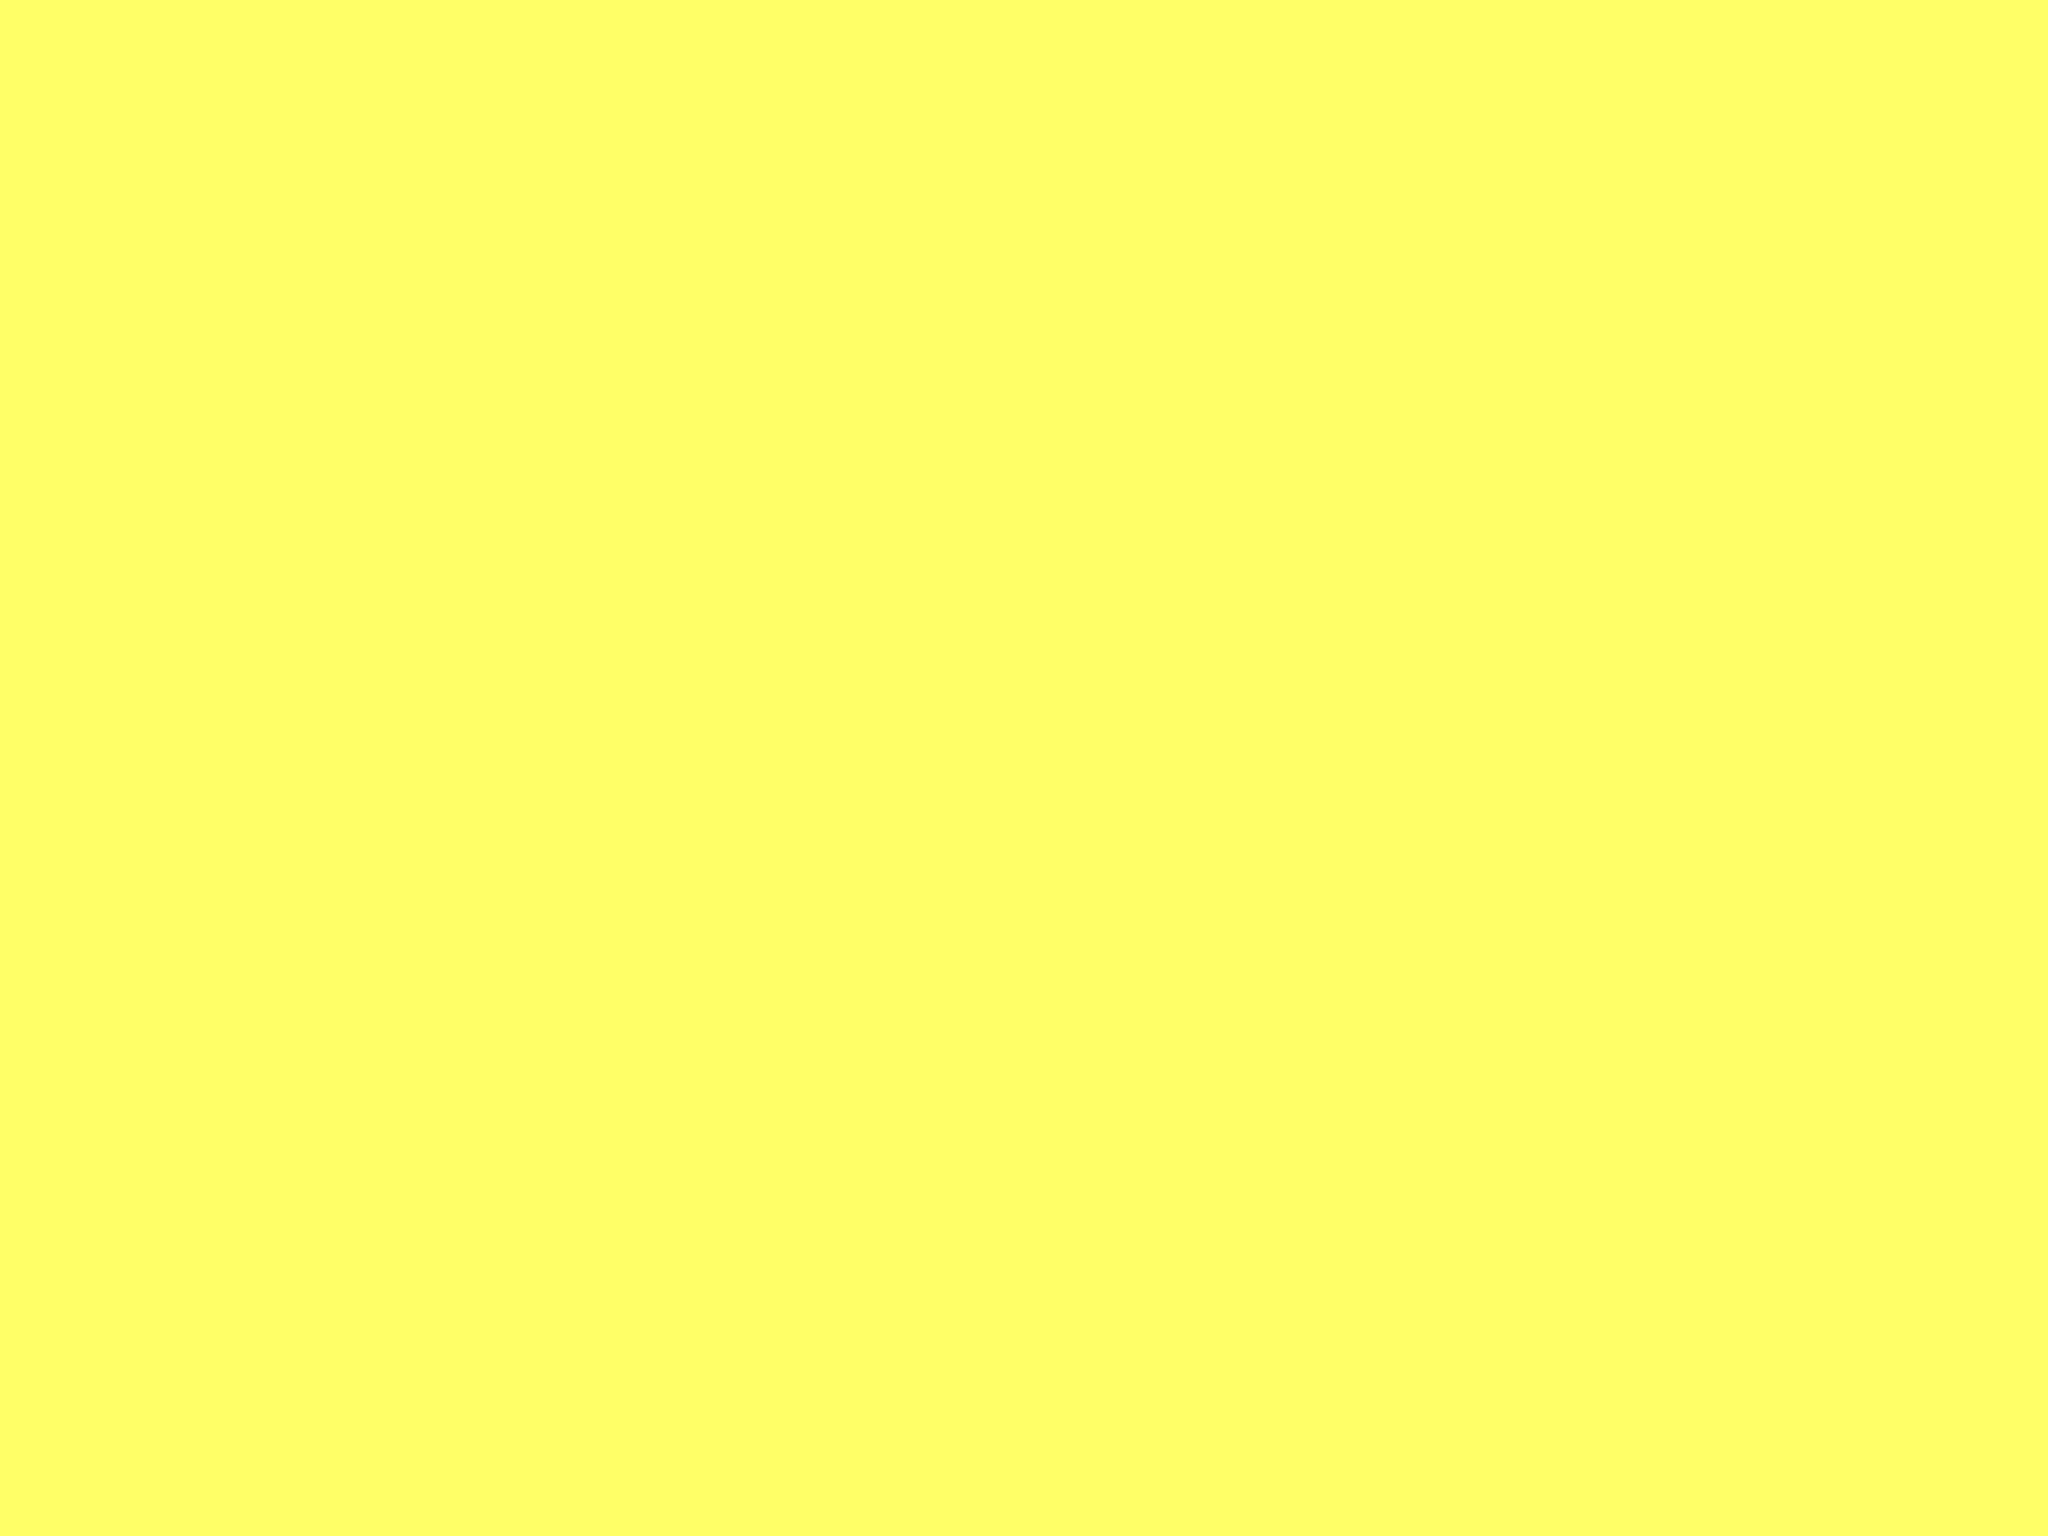 2048x1536 Laser Lemon Solid Color Background